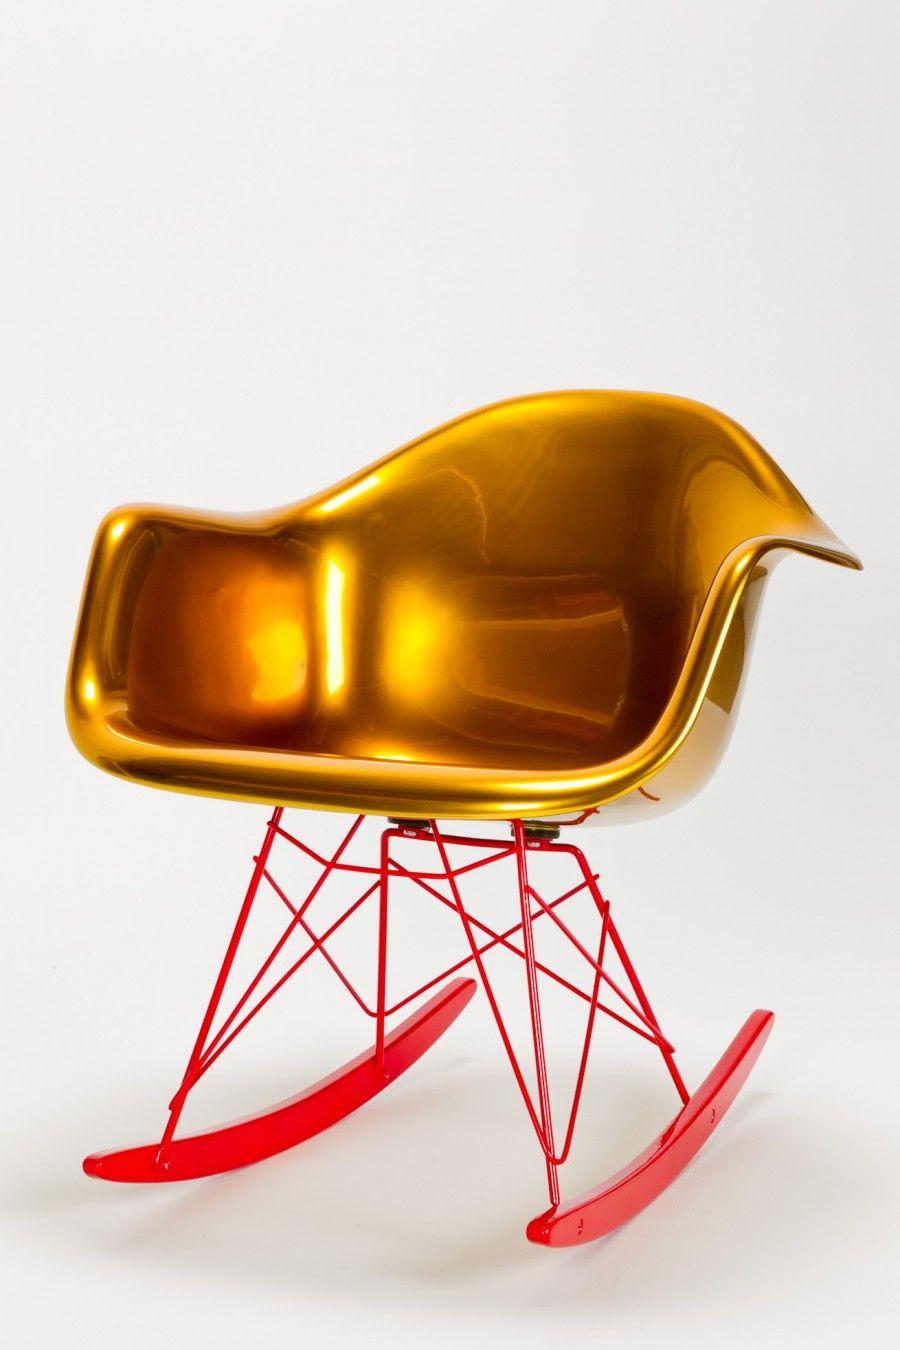 Goldener Eames Schaukelstuhl Eames rocking chair, Eames